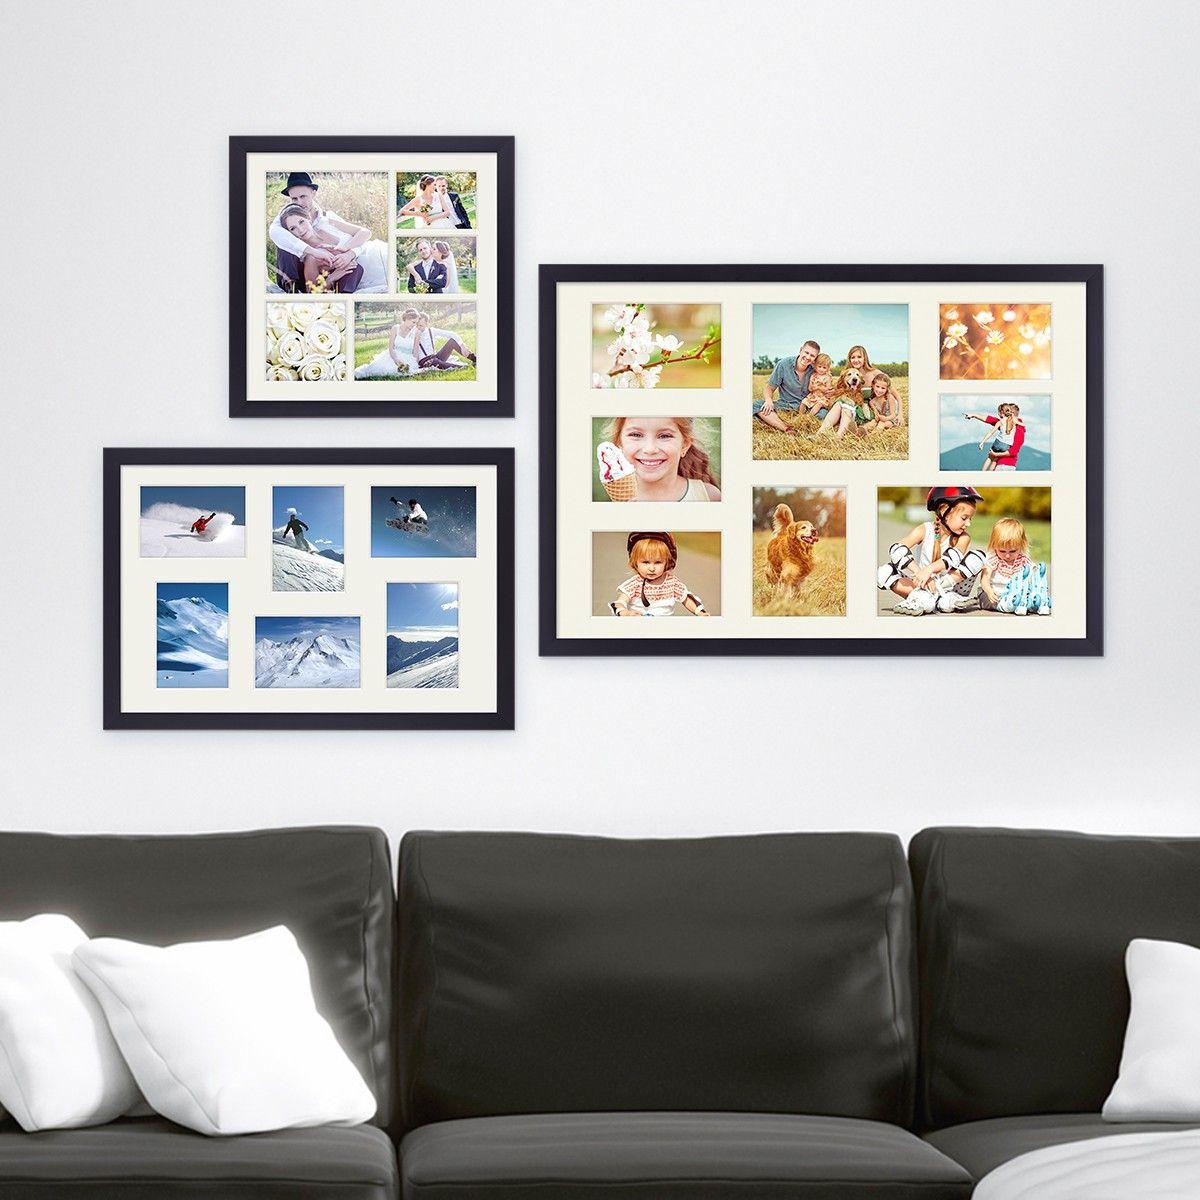 Fotocollage-Bilderrahmen verschenken | Bilderwände gestalten ...